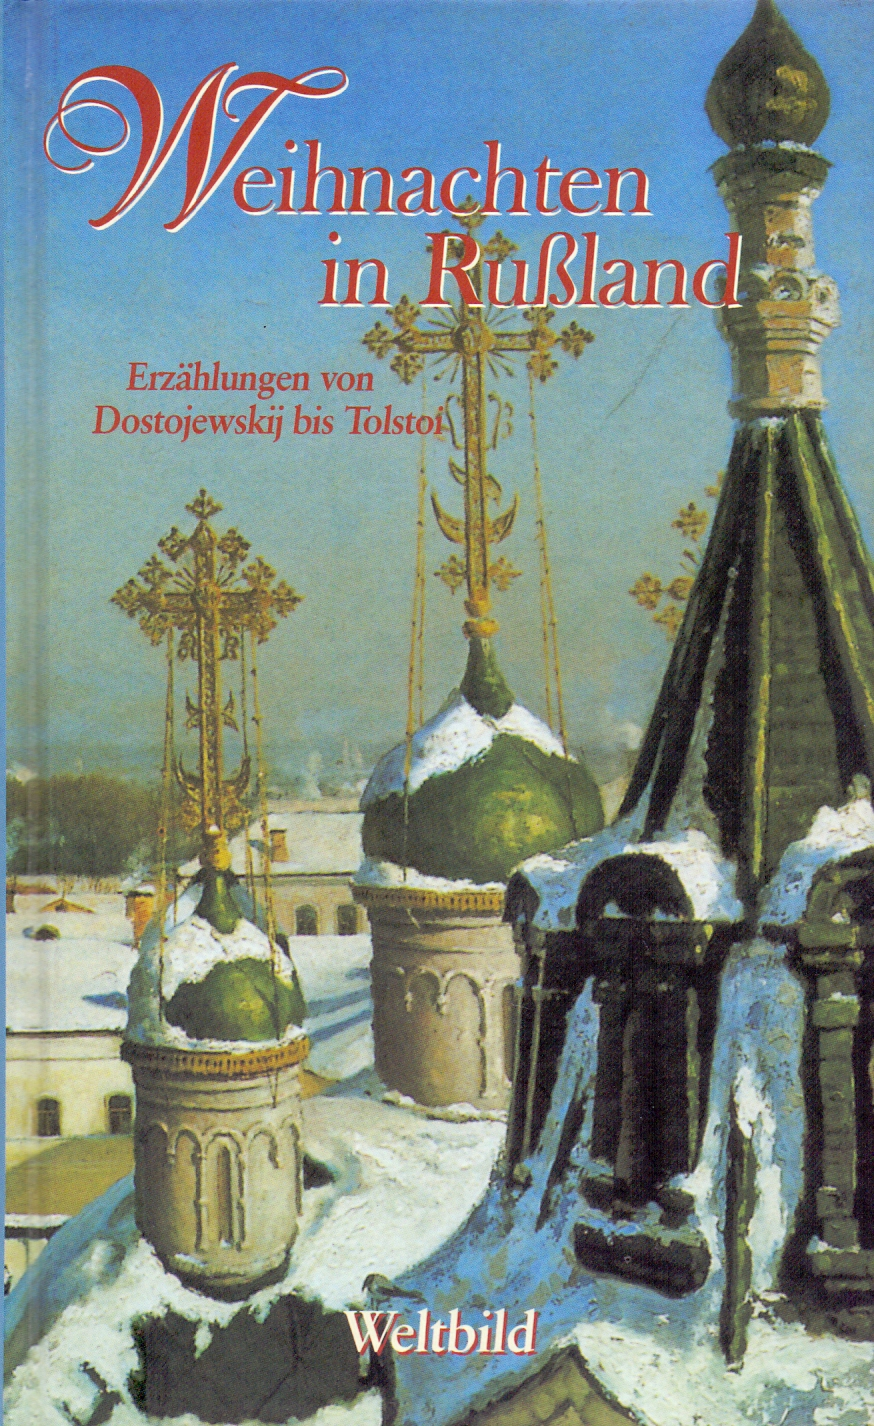 Weihnachten in Rußland: Erzählungen von Dostojewskij bis Tolstoi - Monika Blume [Gebundene Ausgabe, Weltbild]